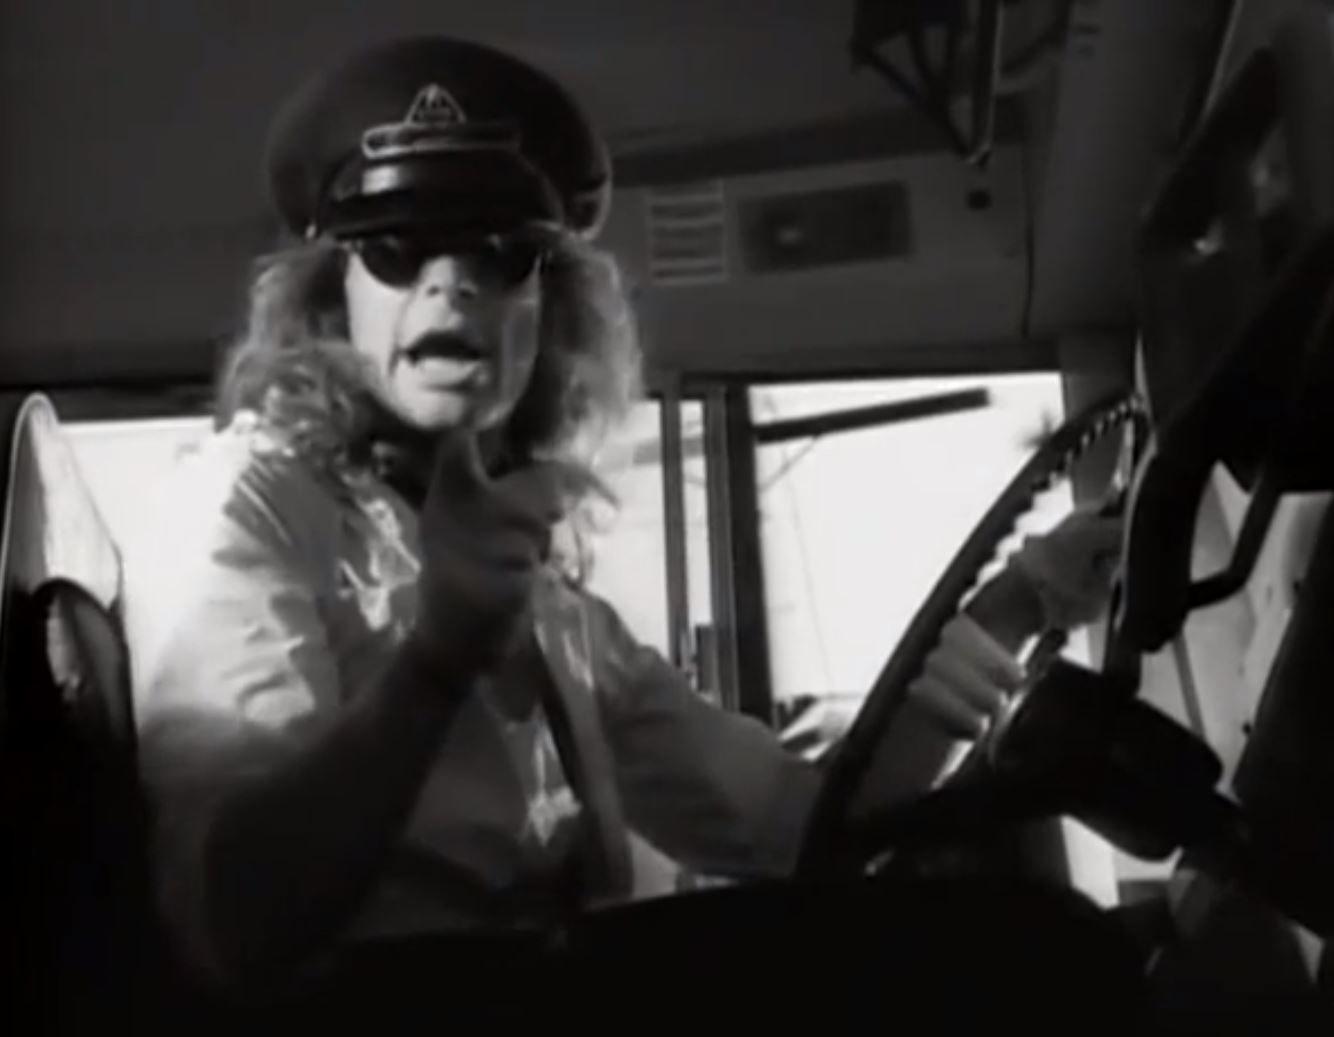 Van Halen Biography Discography History Metal Descent Van Halen Music Videos Rock Music